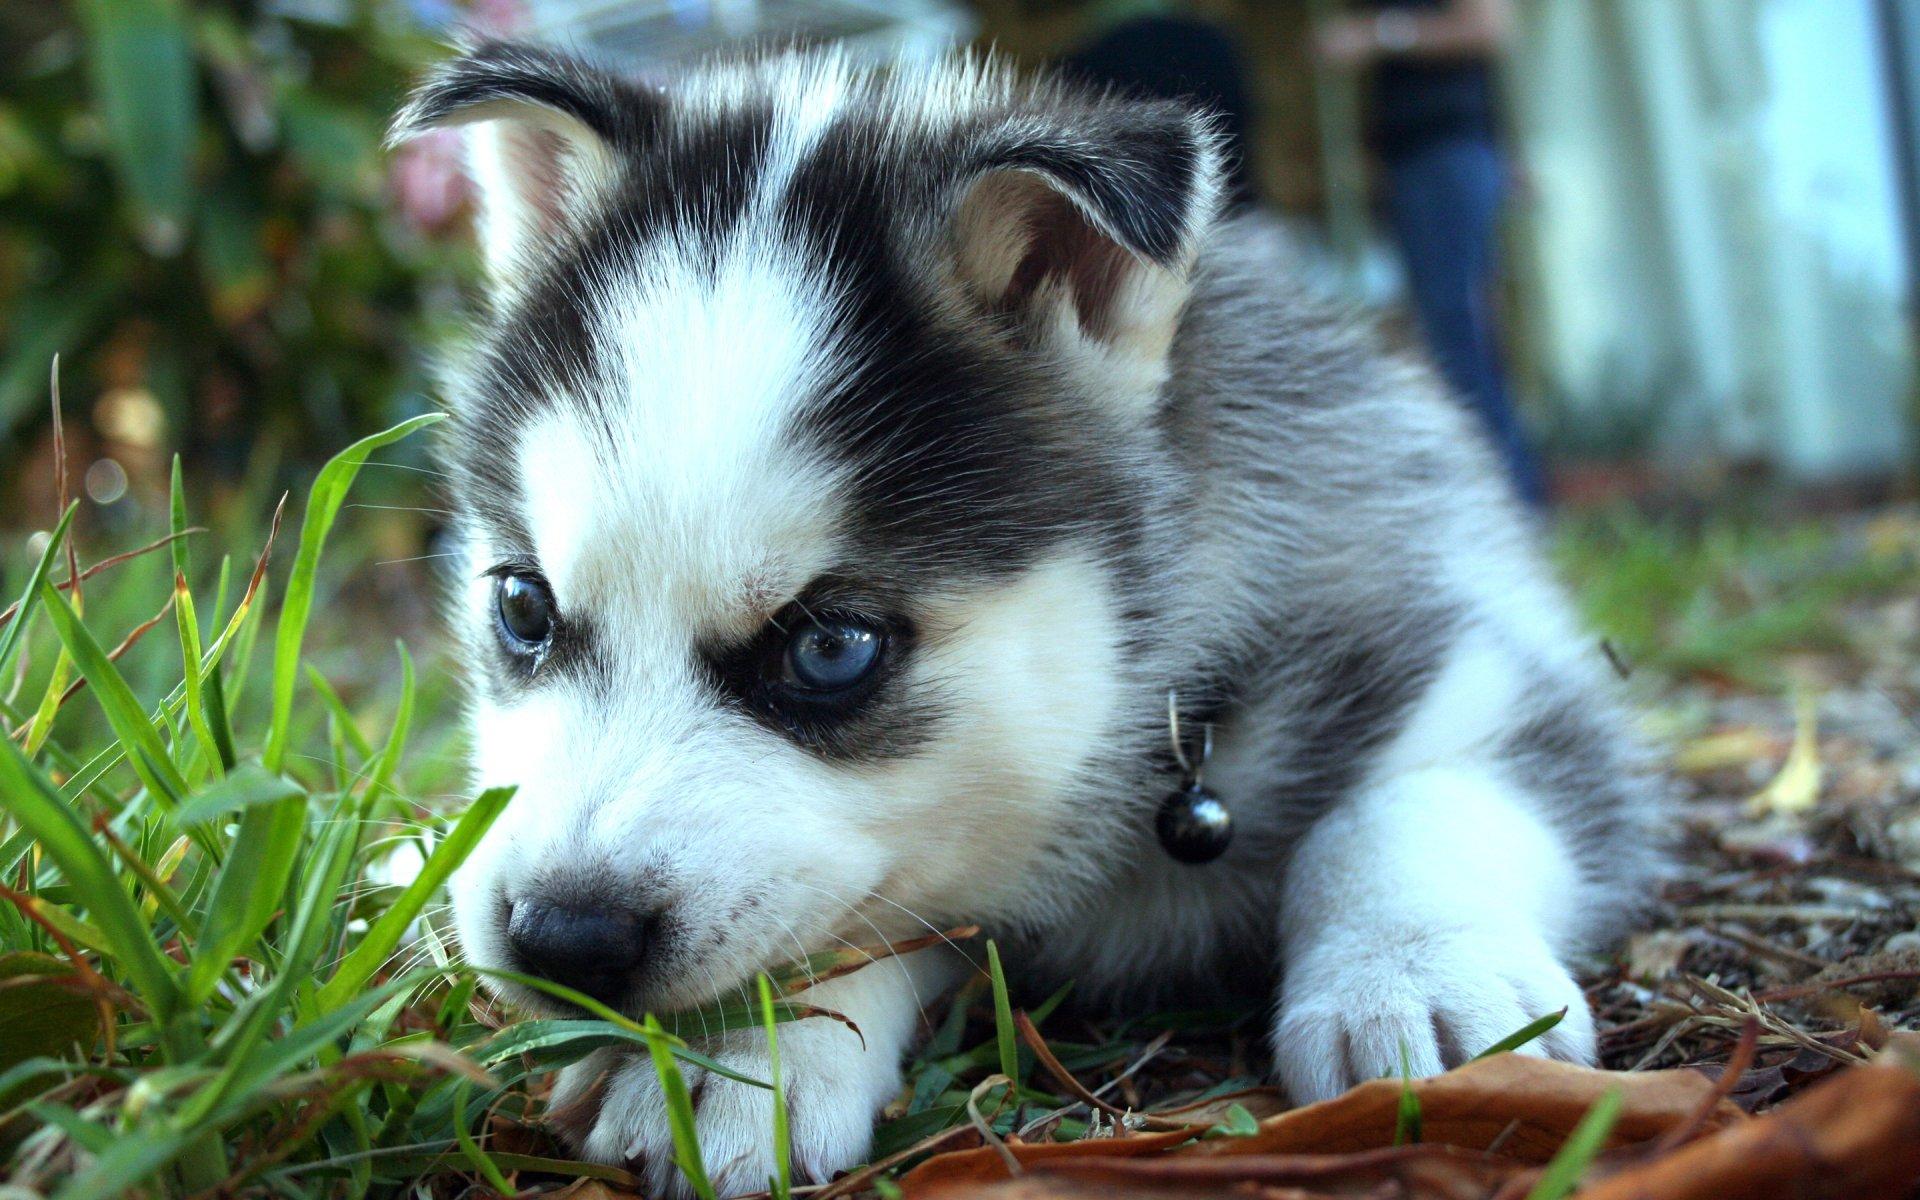 Perros Husky Siberiano Fondos De Pantalla Hd De Animales 2: Husky Siberiano Fondo De Pantalla HD